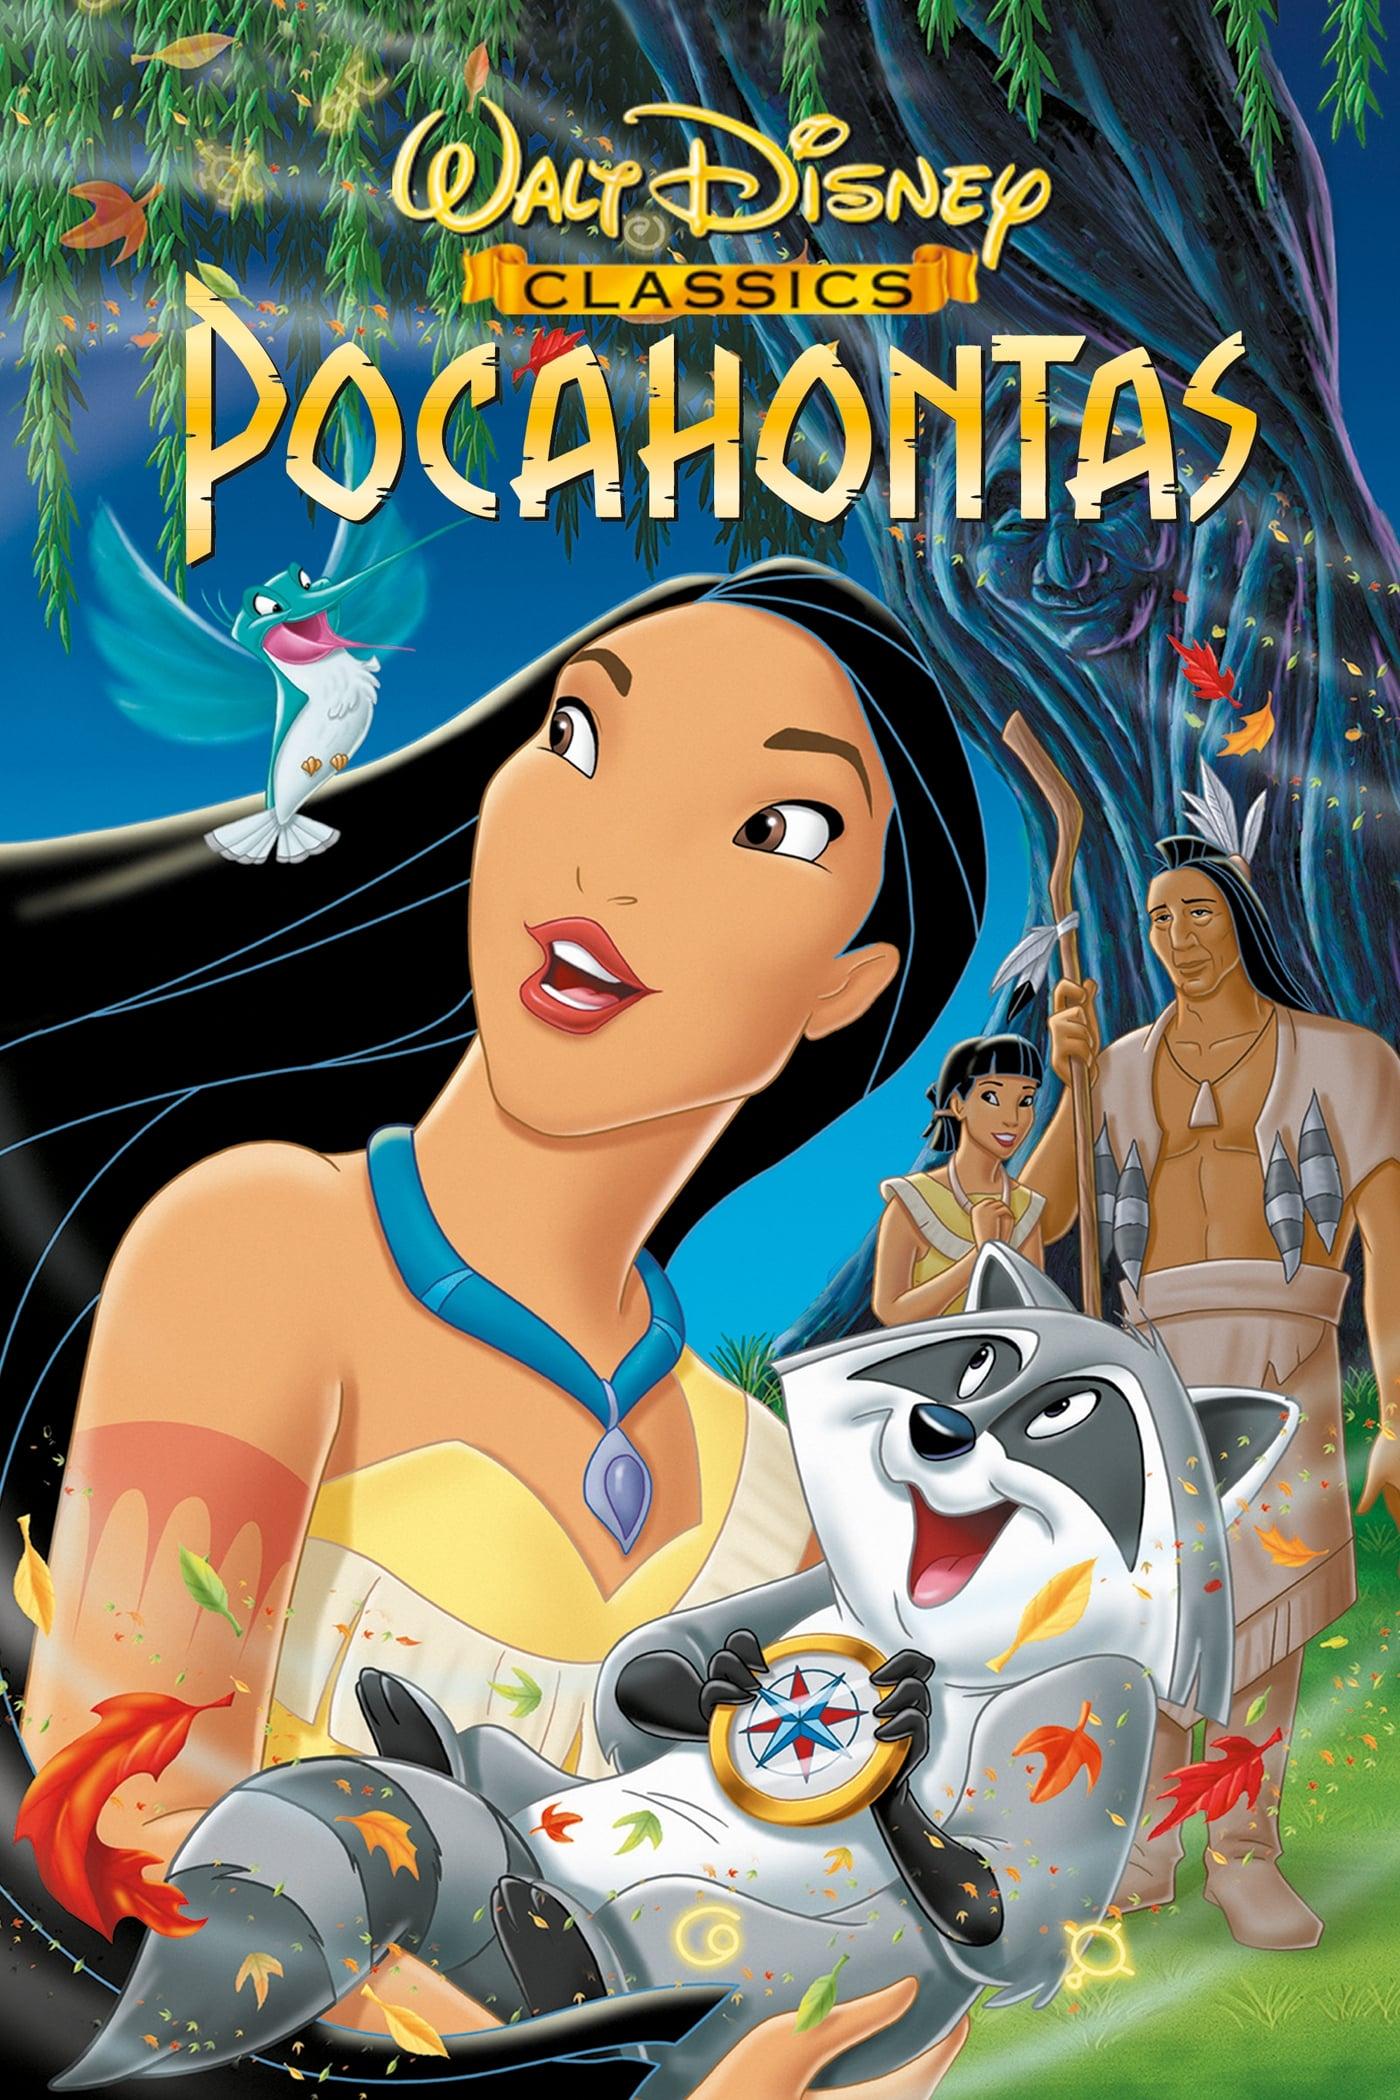 Pocahontas Film Stream